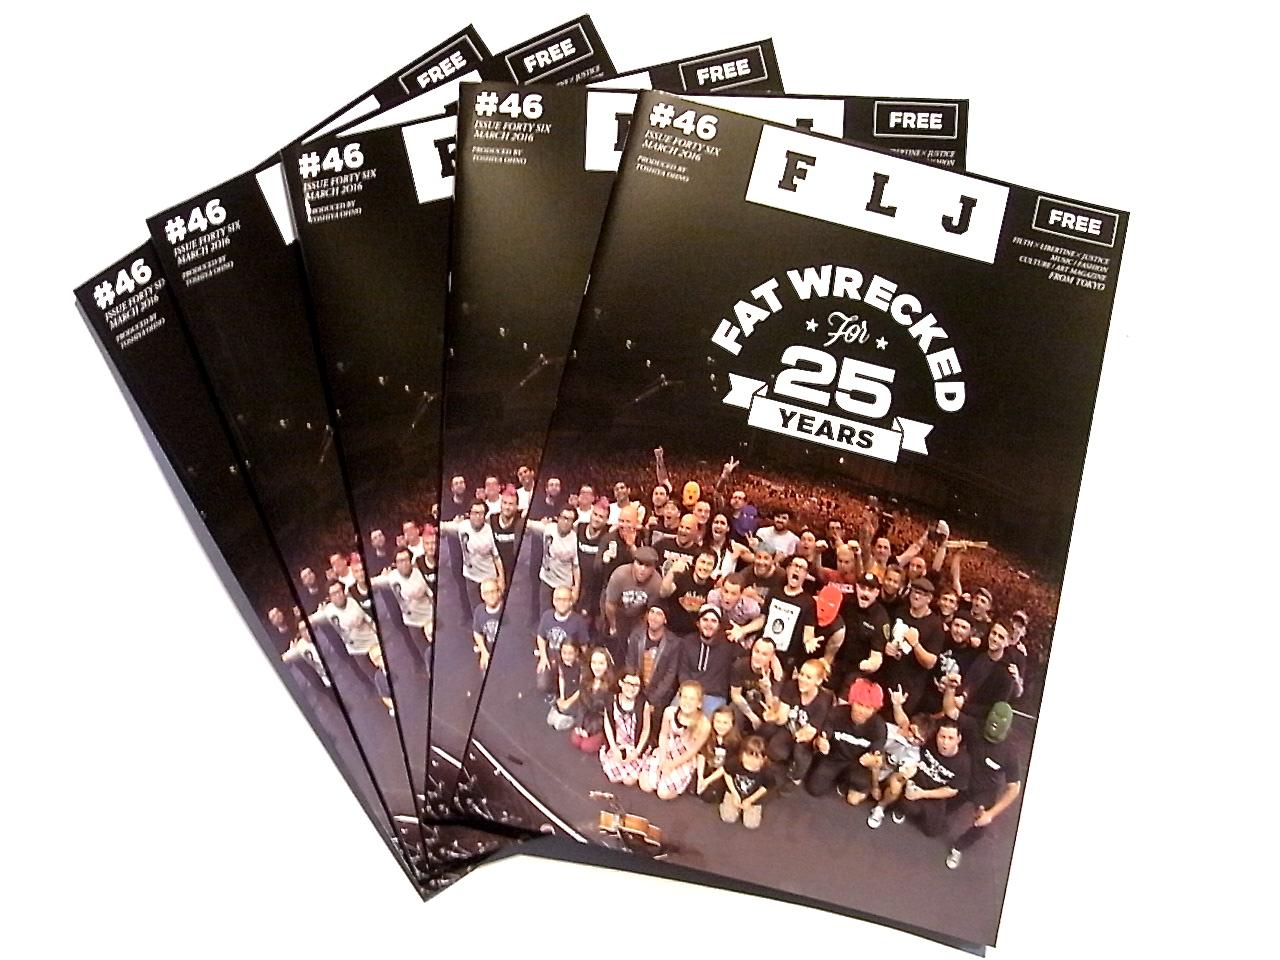 FLJ ISSUE # 46 FILTH x LIBERTINE x JUSTICE_d0101000_12114424.jpg